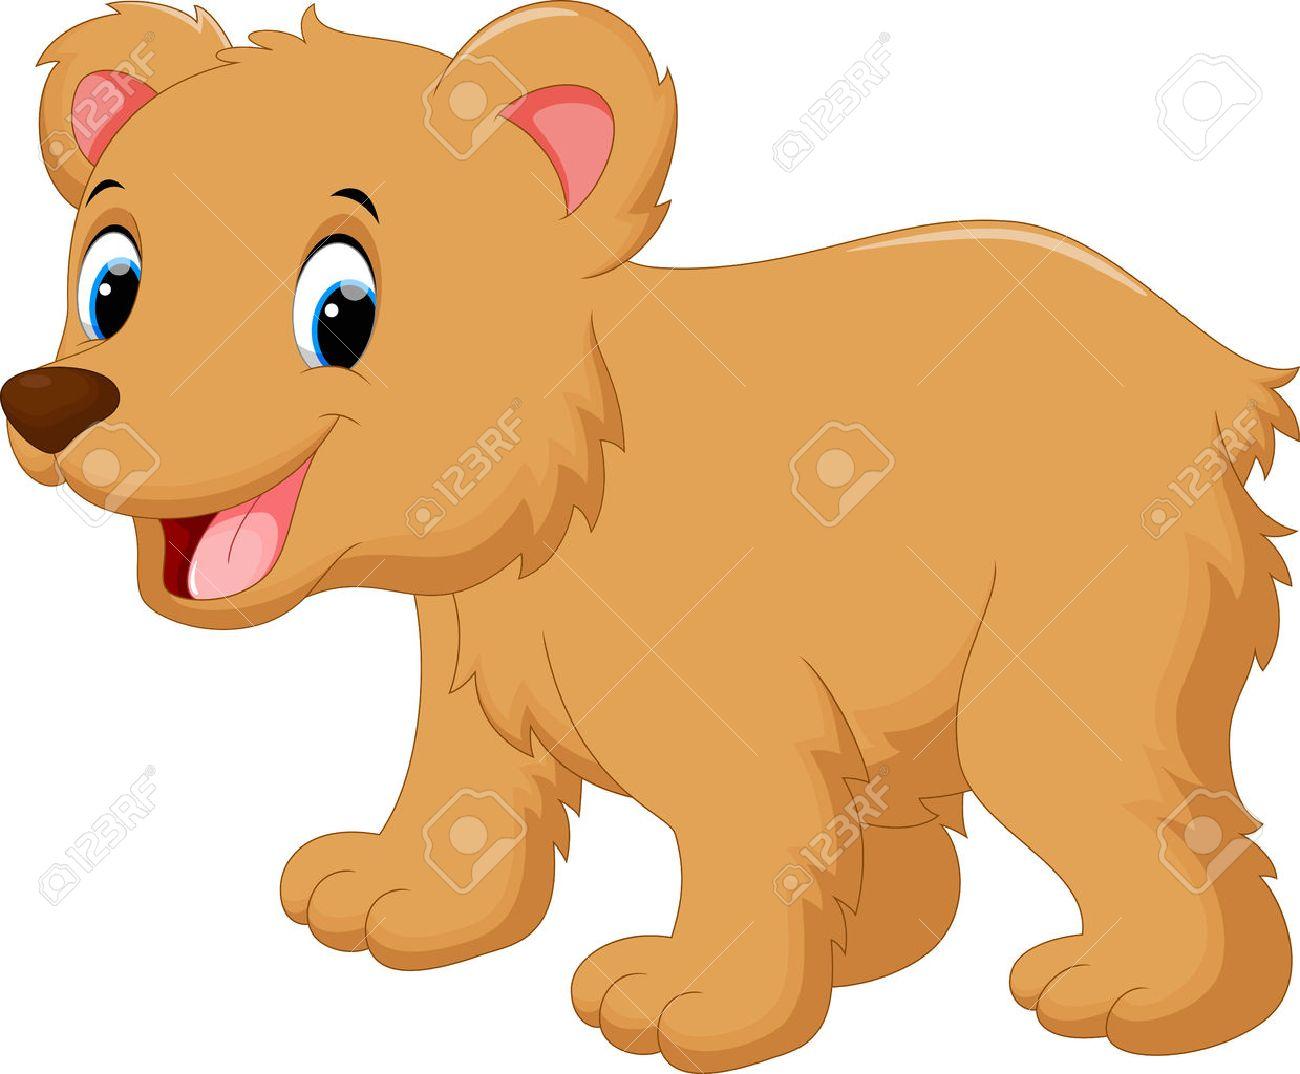 Cute baby bear cartoon Stock Vector - 52404094